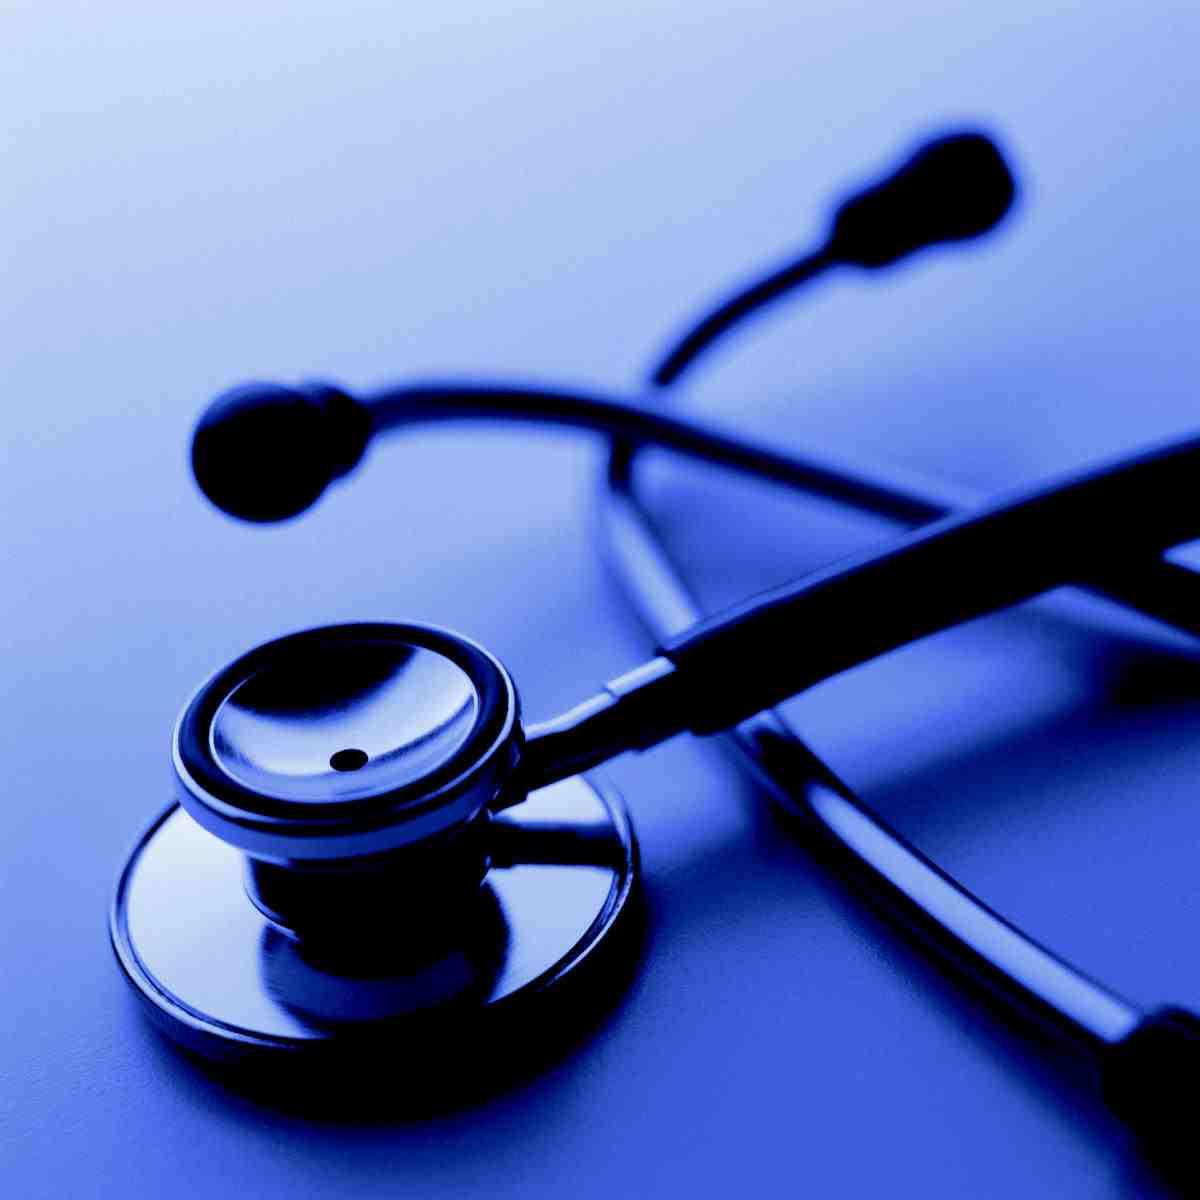 stethoscope blue